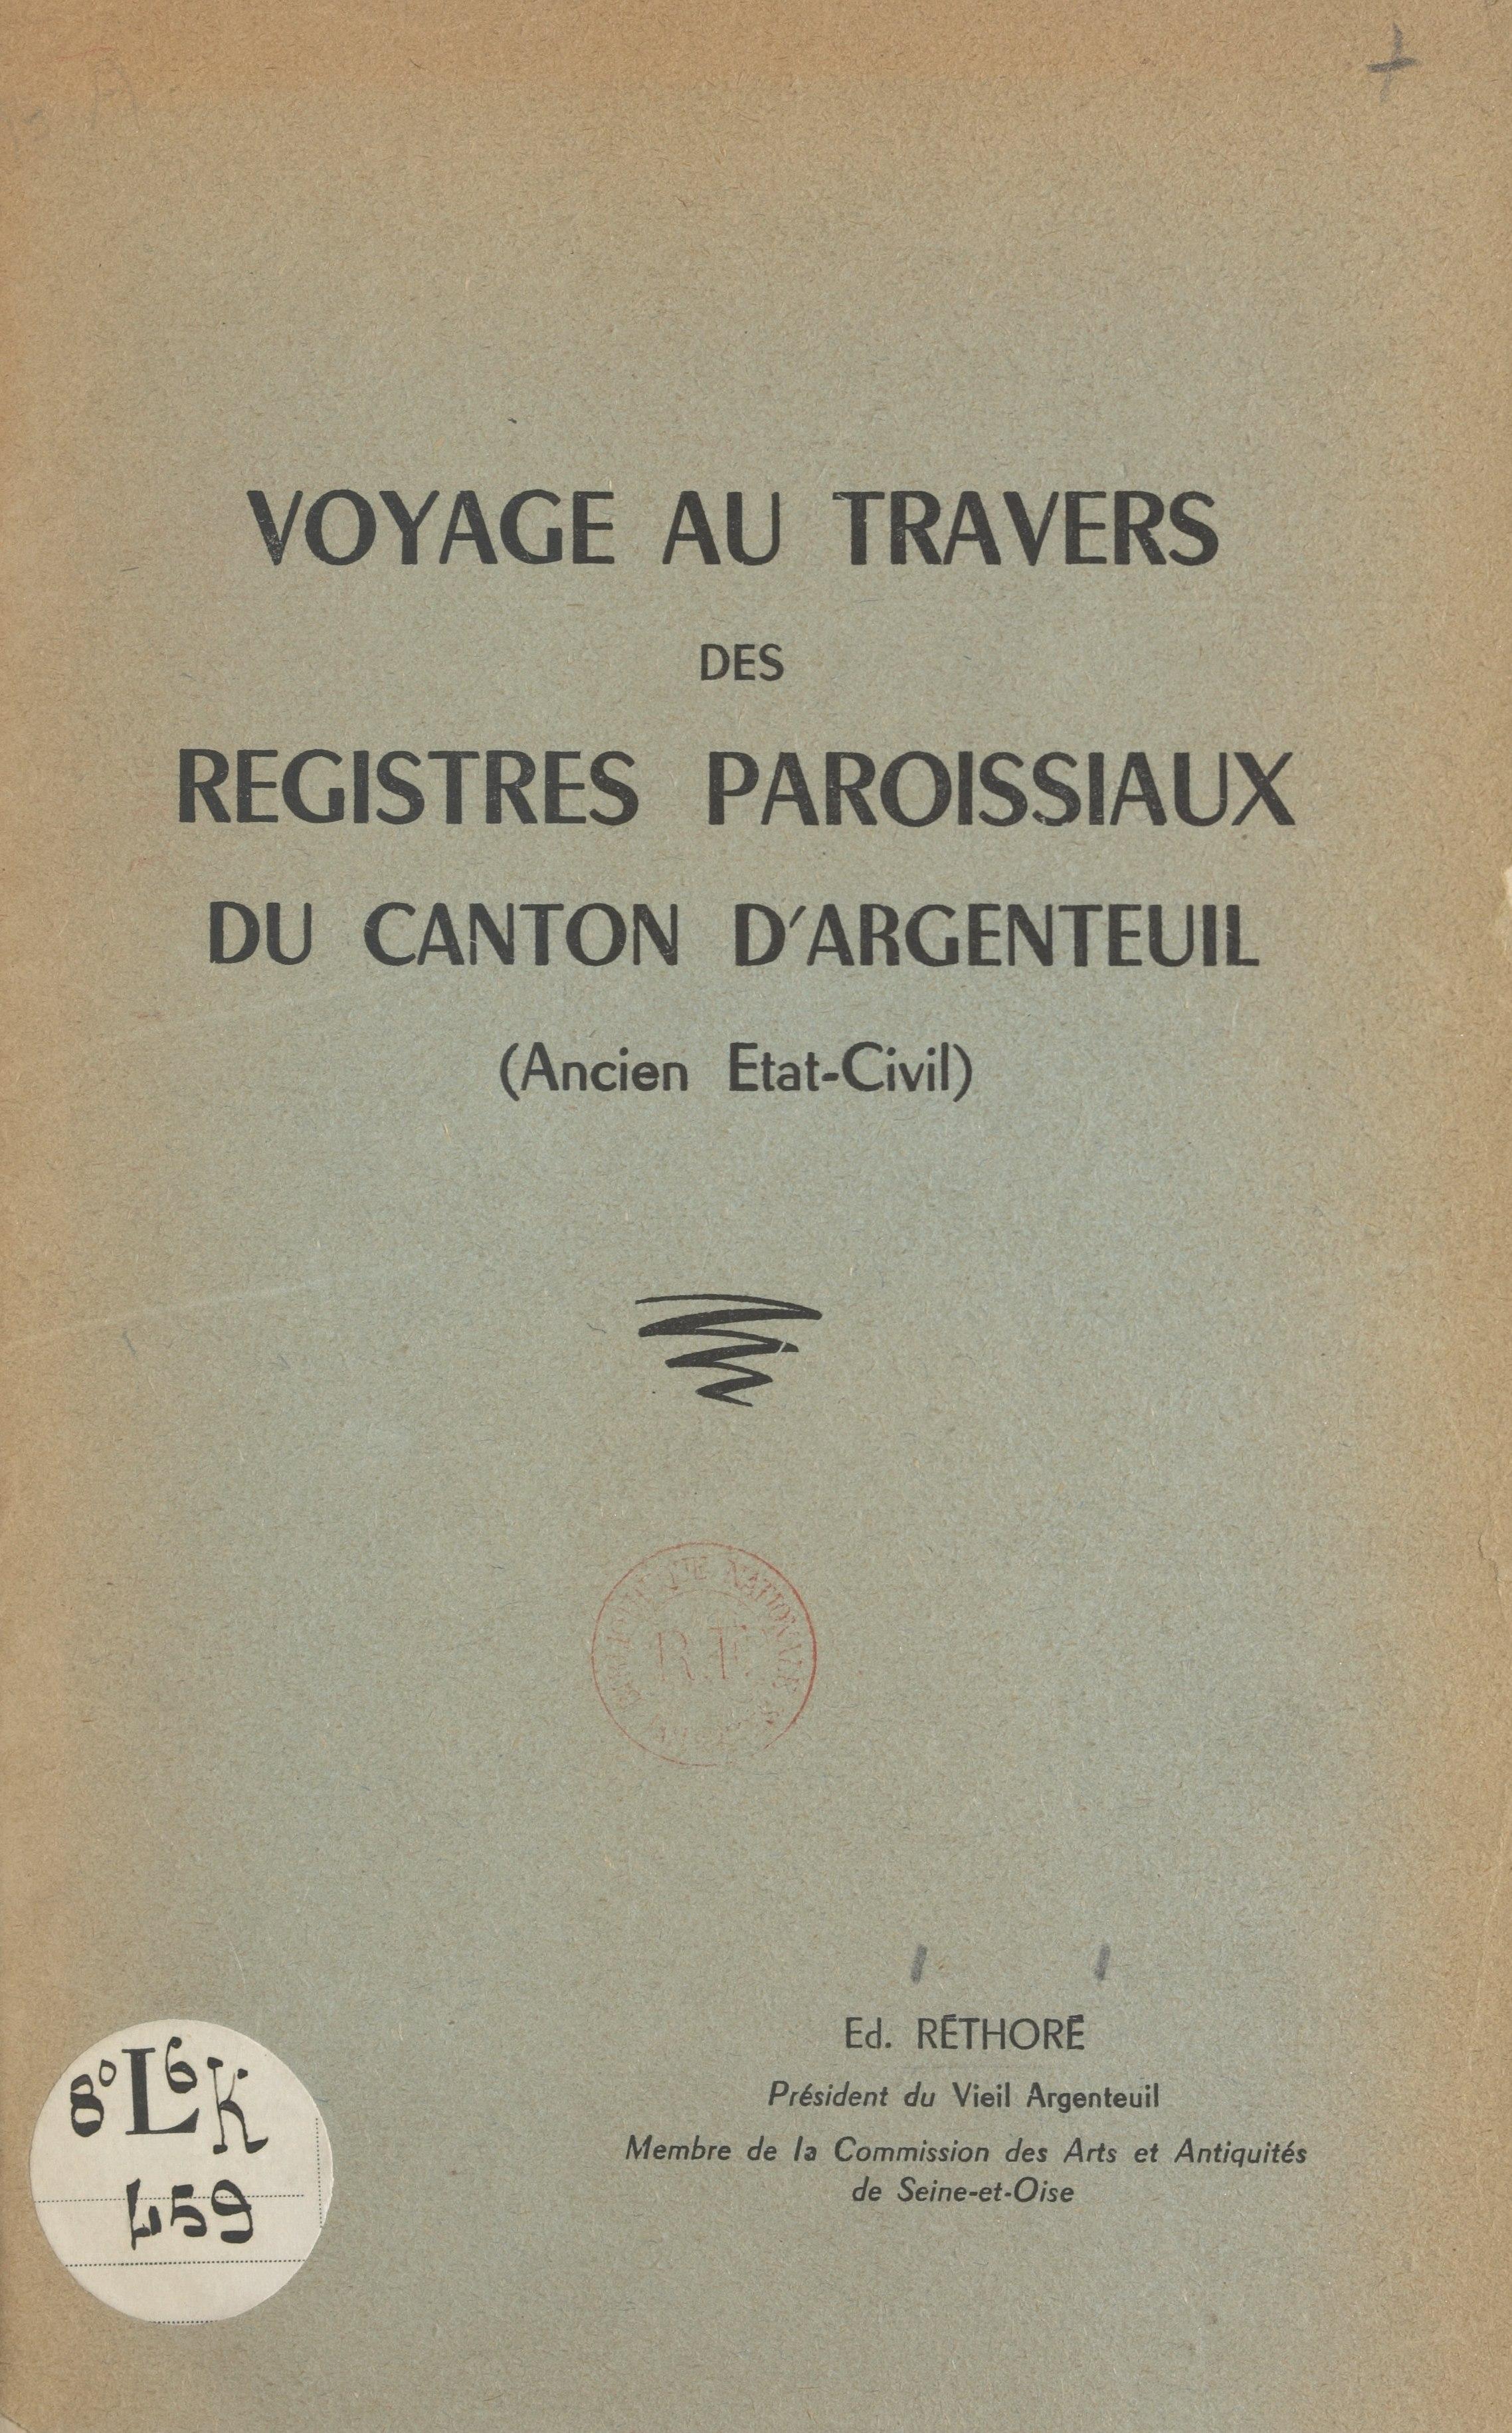 Voyage au travers des regis...